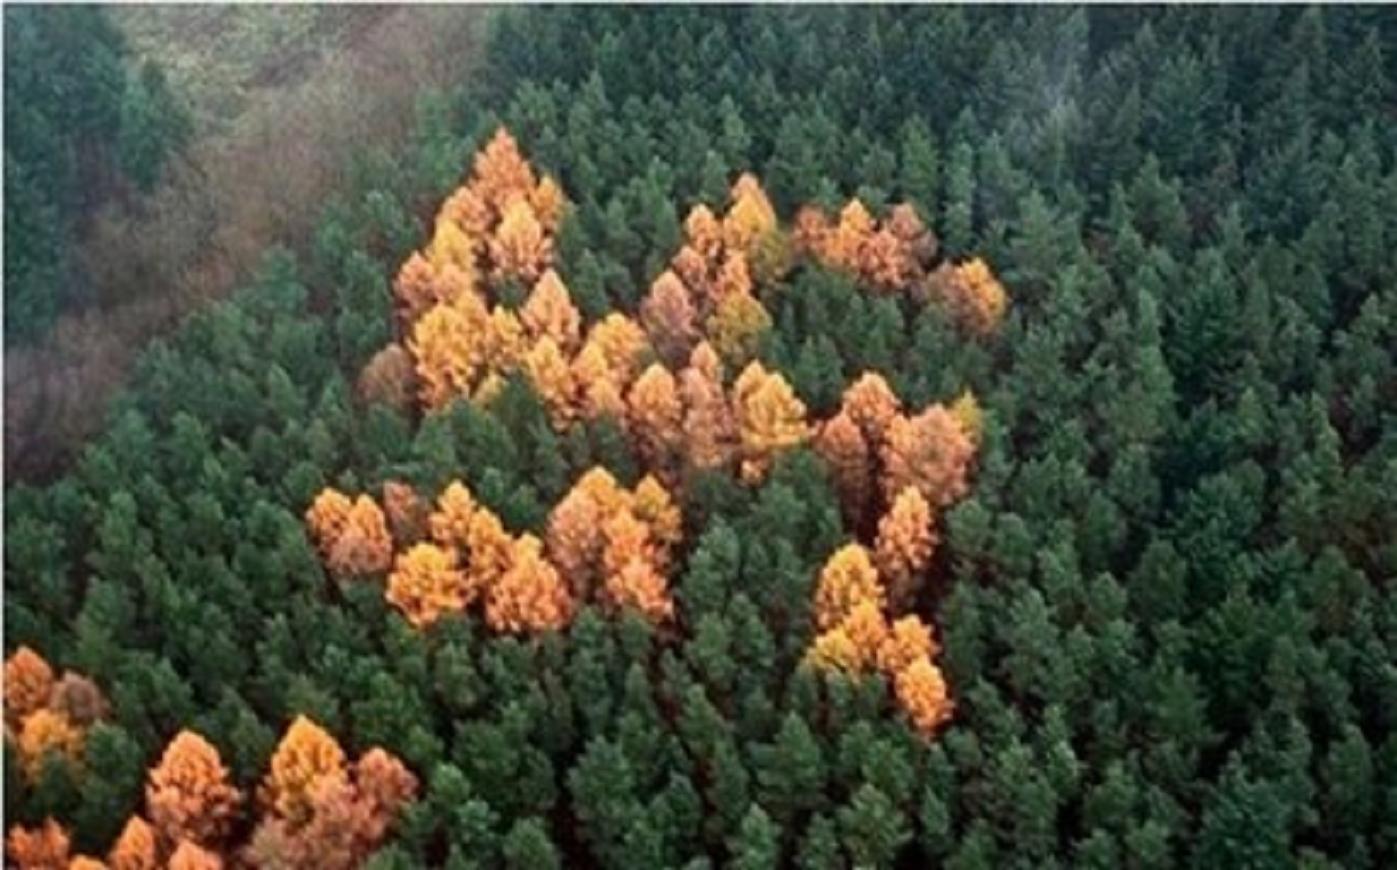 Τὸ δάσος μὲ τὶς Σβάστικες.